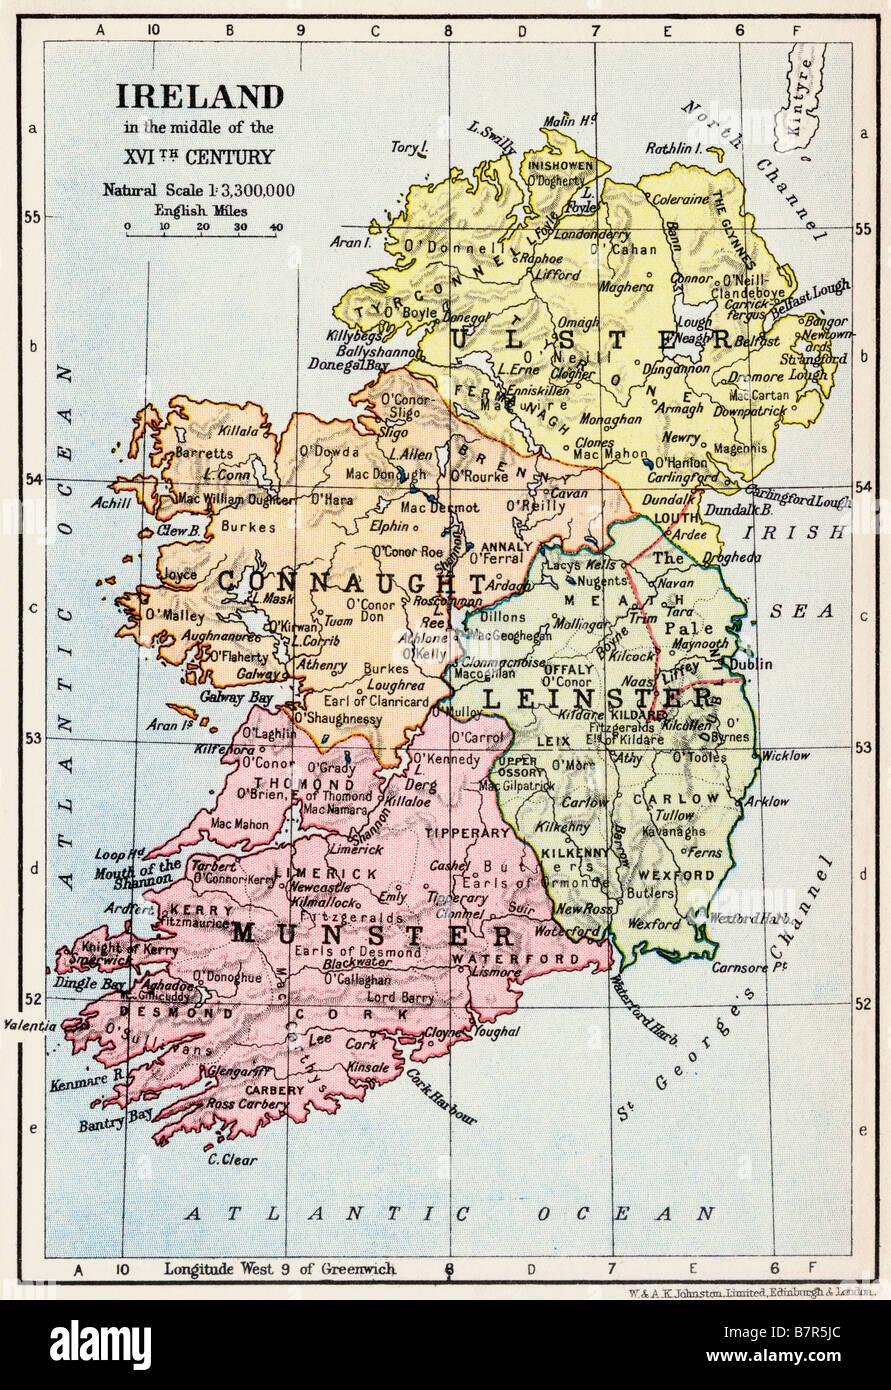 Site de l'Irlande au milieu du xvième siècle Photo Stock